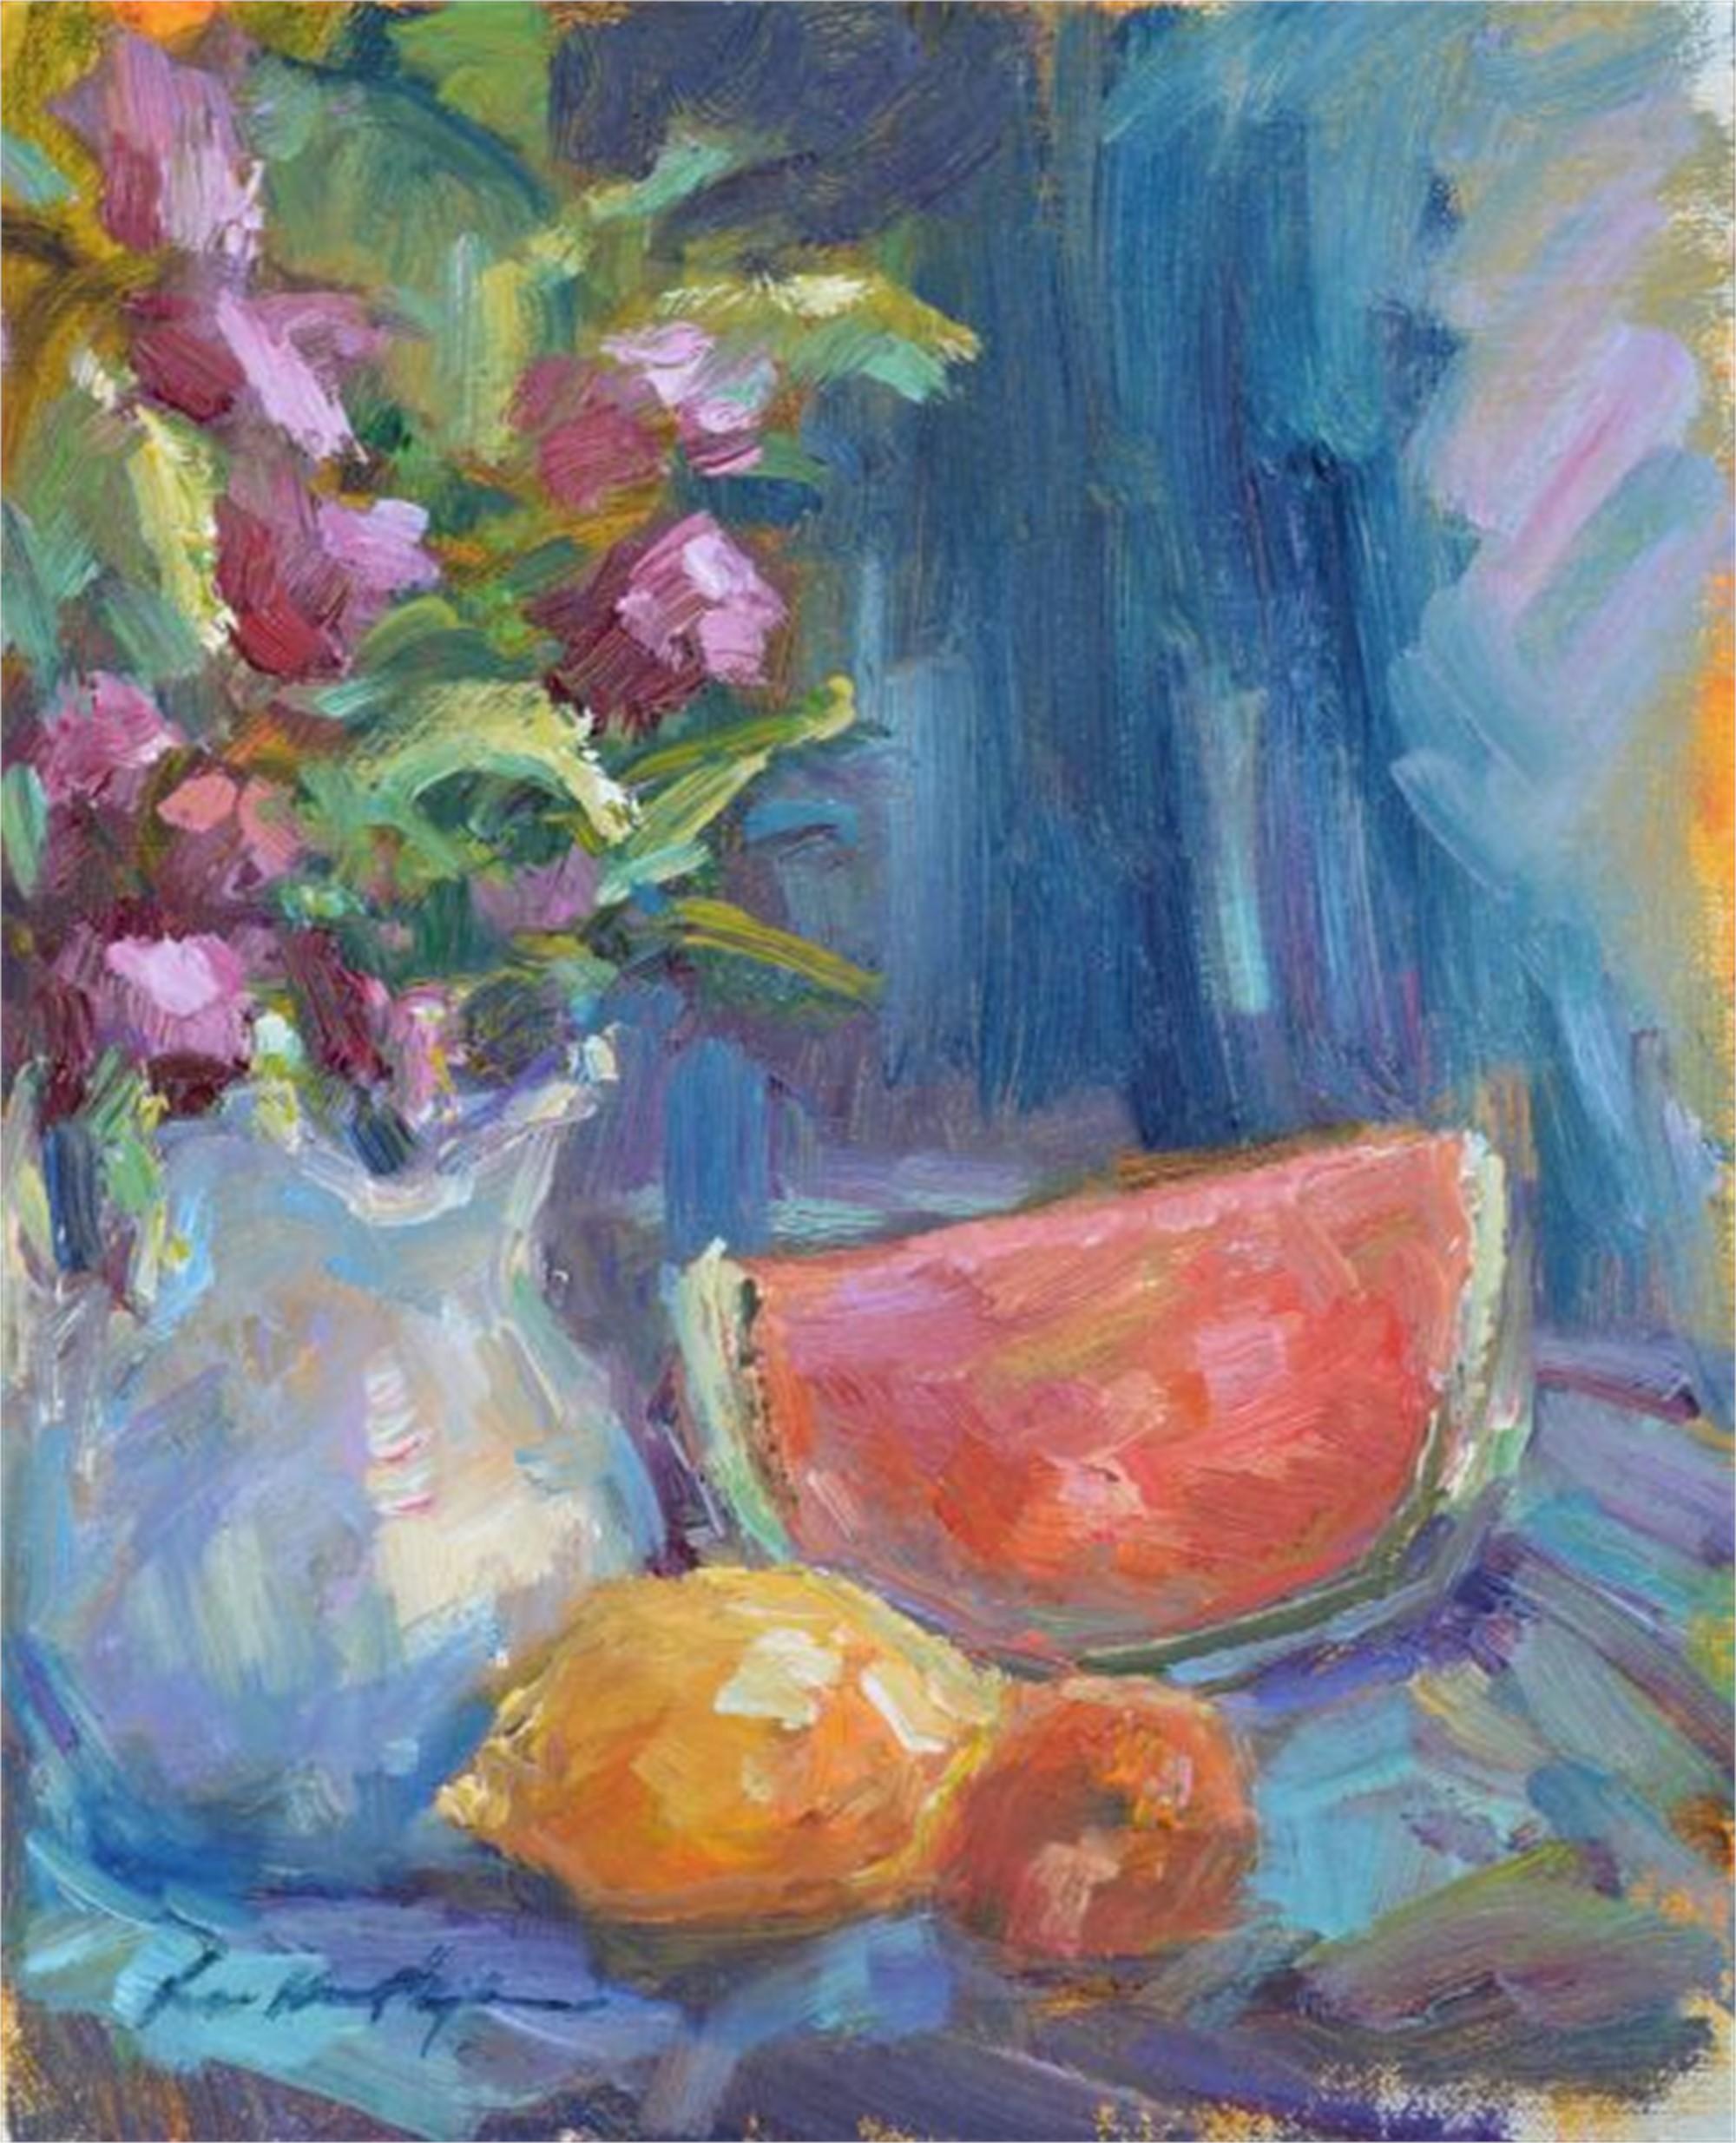 Summer's Bounty by Karen Hewitt Hagan